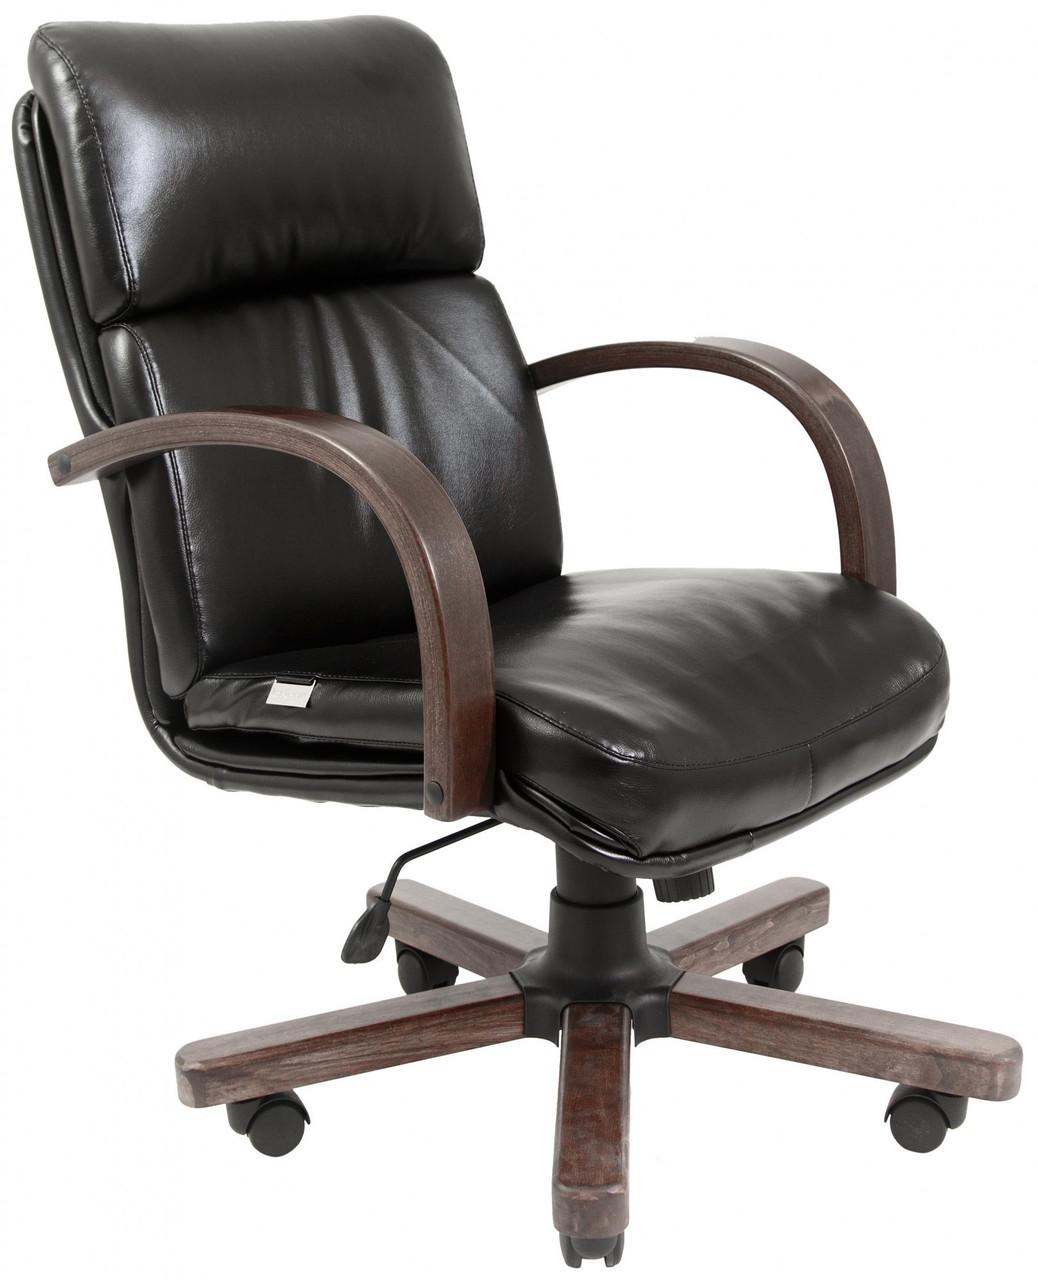 Офисное Кресло Руководителя Dakota Fly 2230 Wood М2 AnyFix Черное